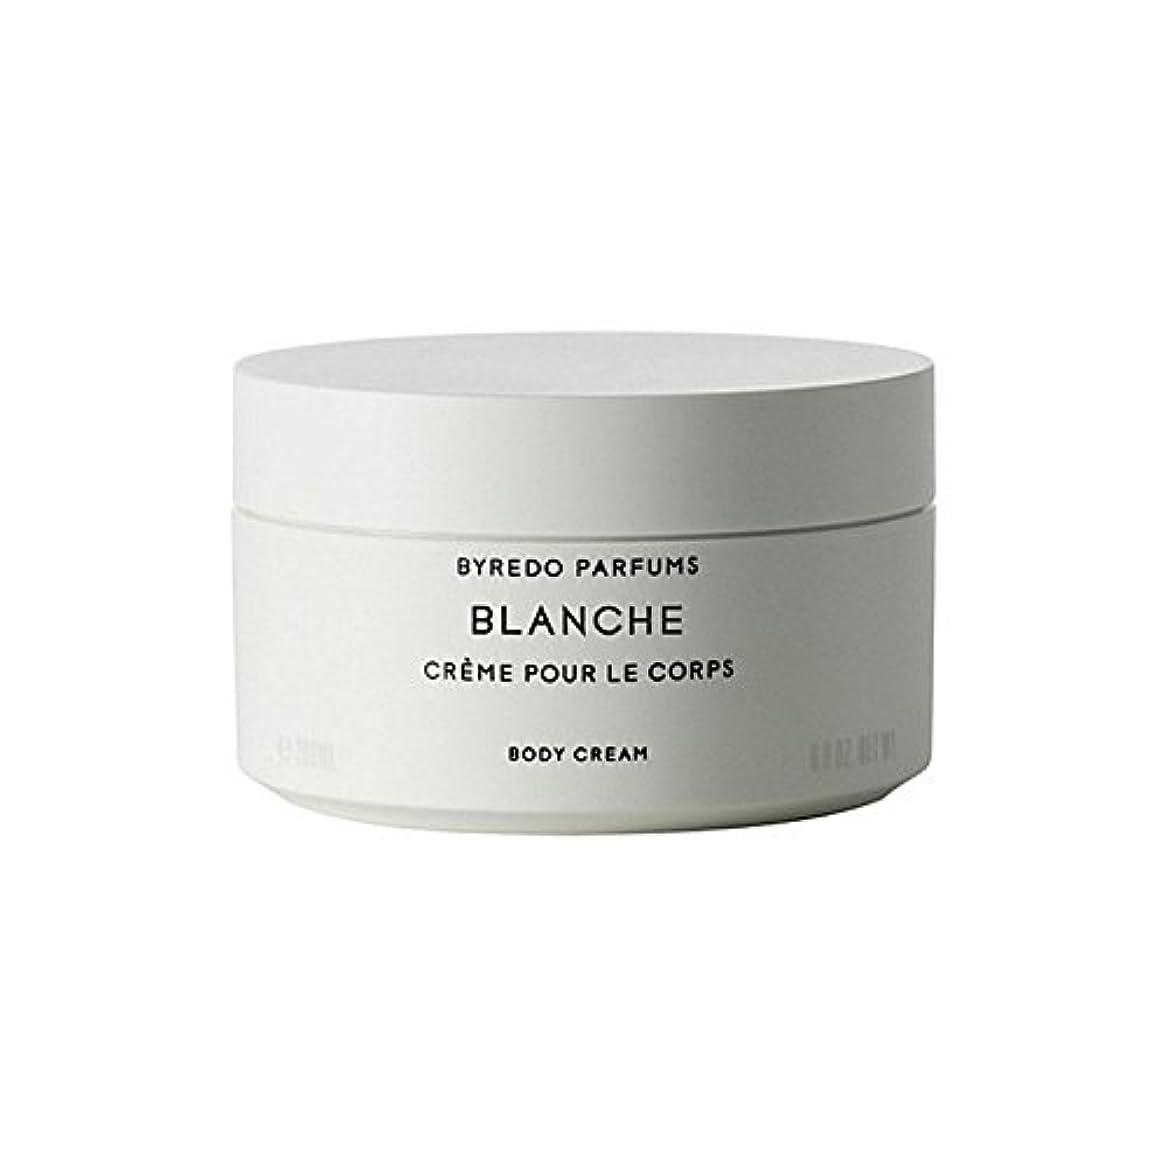 ワークショップひばりパースByredo Blanche Body Cream 200ml - ブランシュボディクリーム200ミリリットル [並行輸入品]